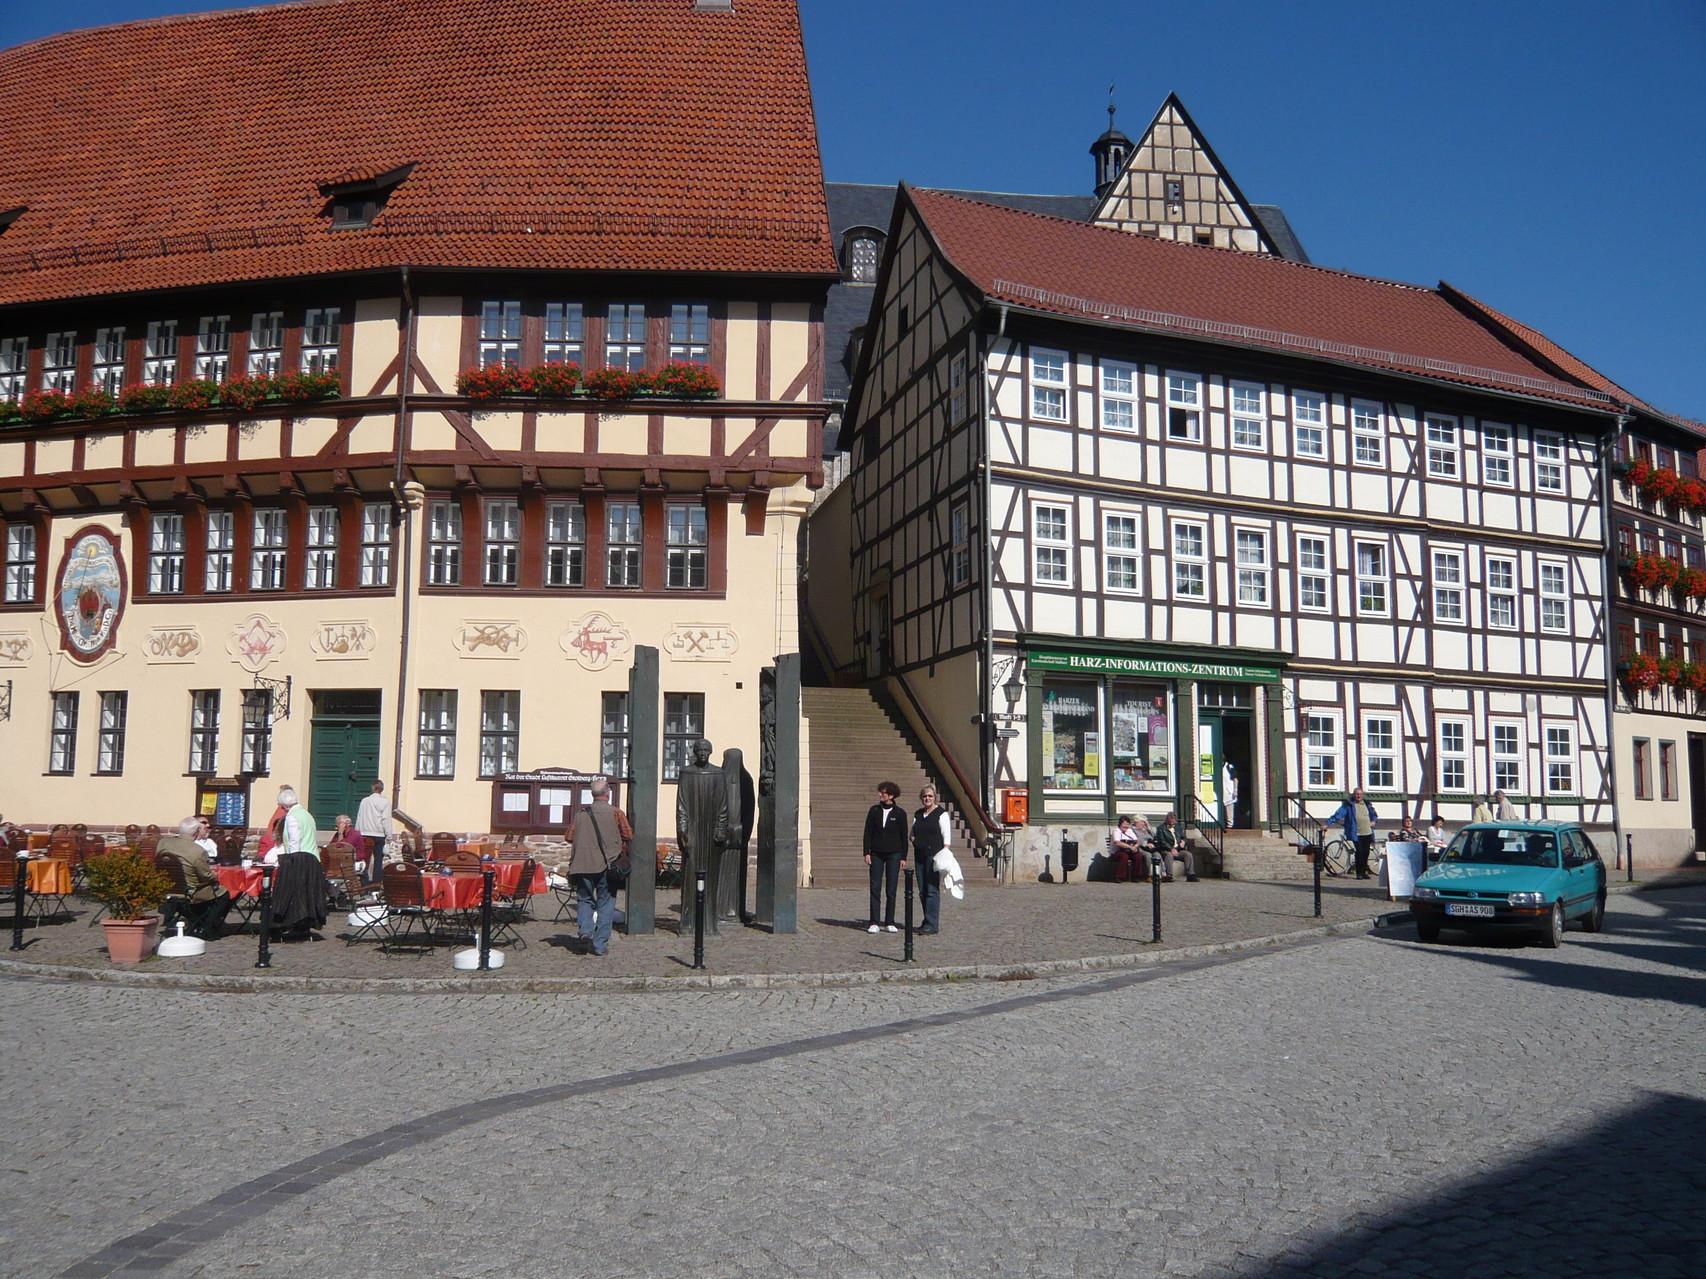 Stolberg mit vielen Fachwerkhäusern